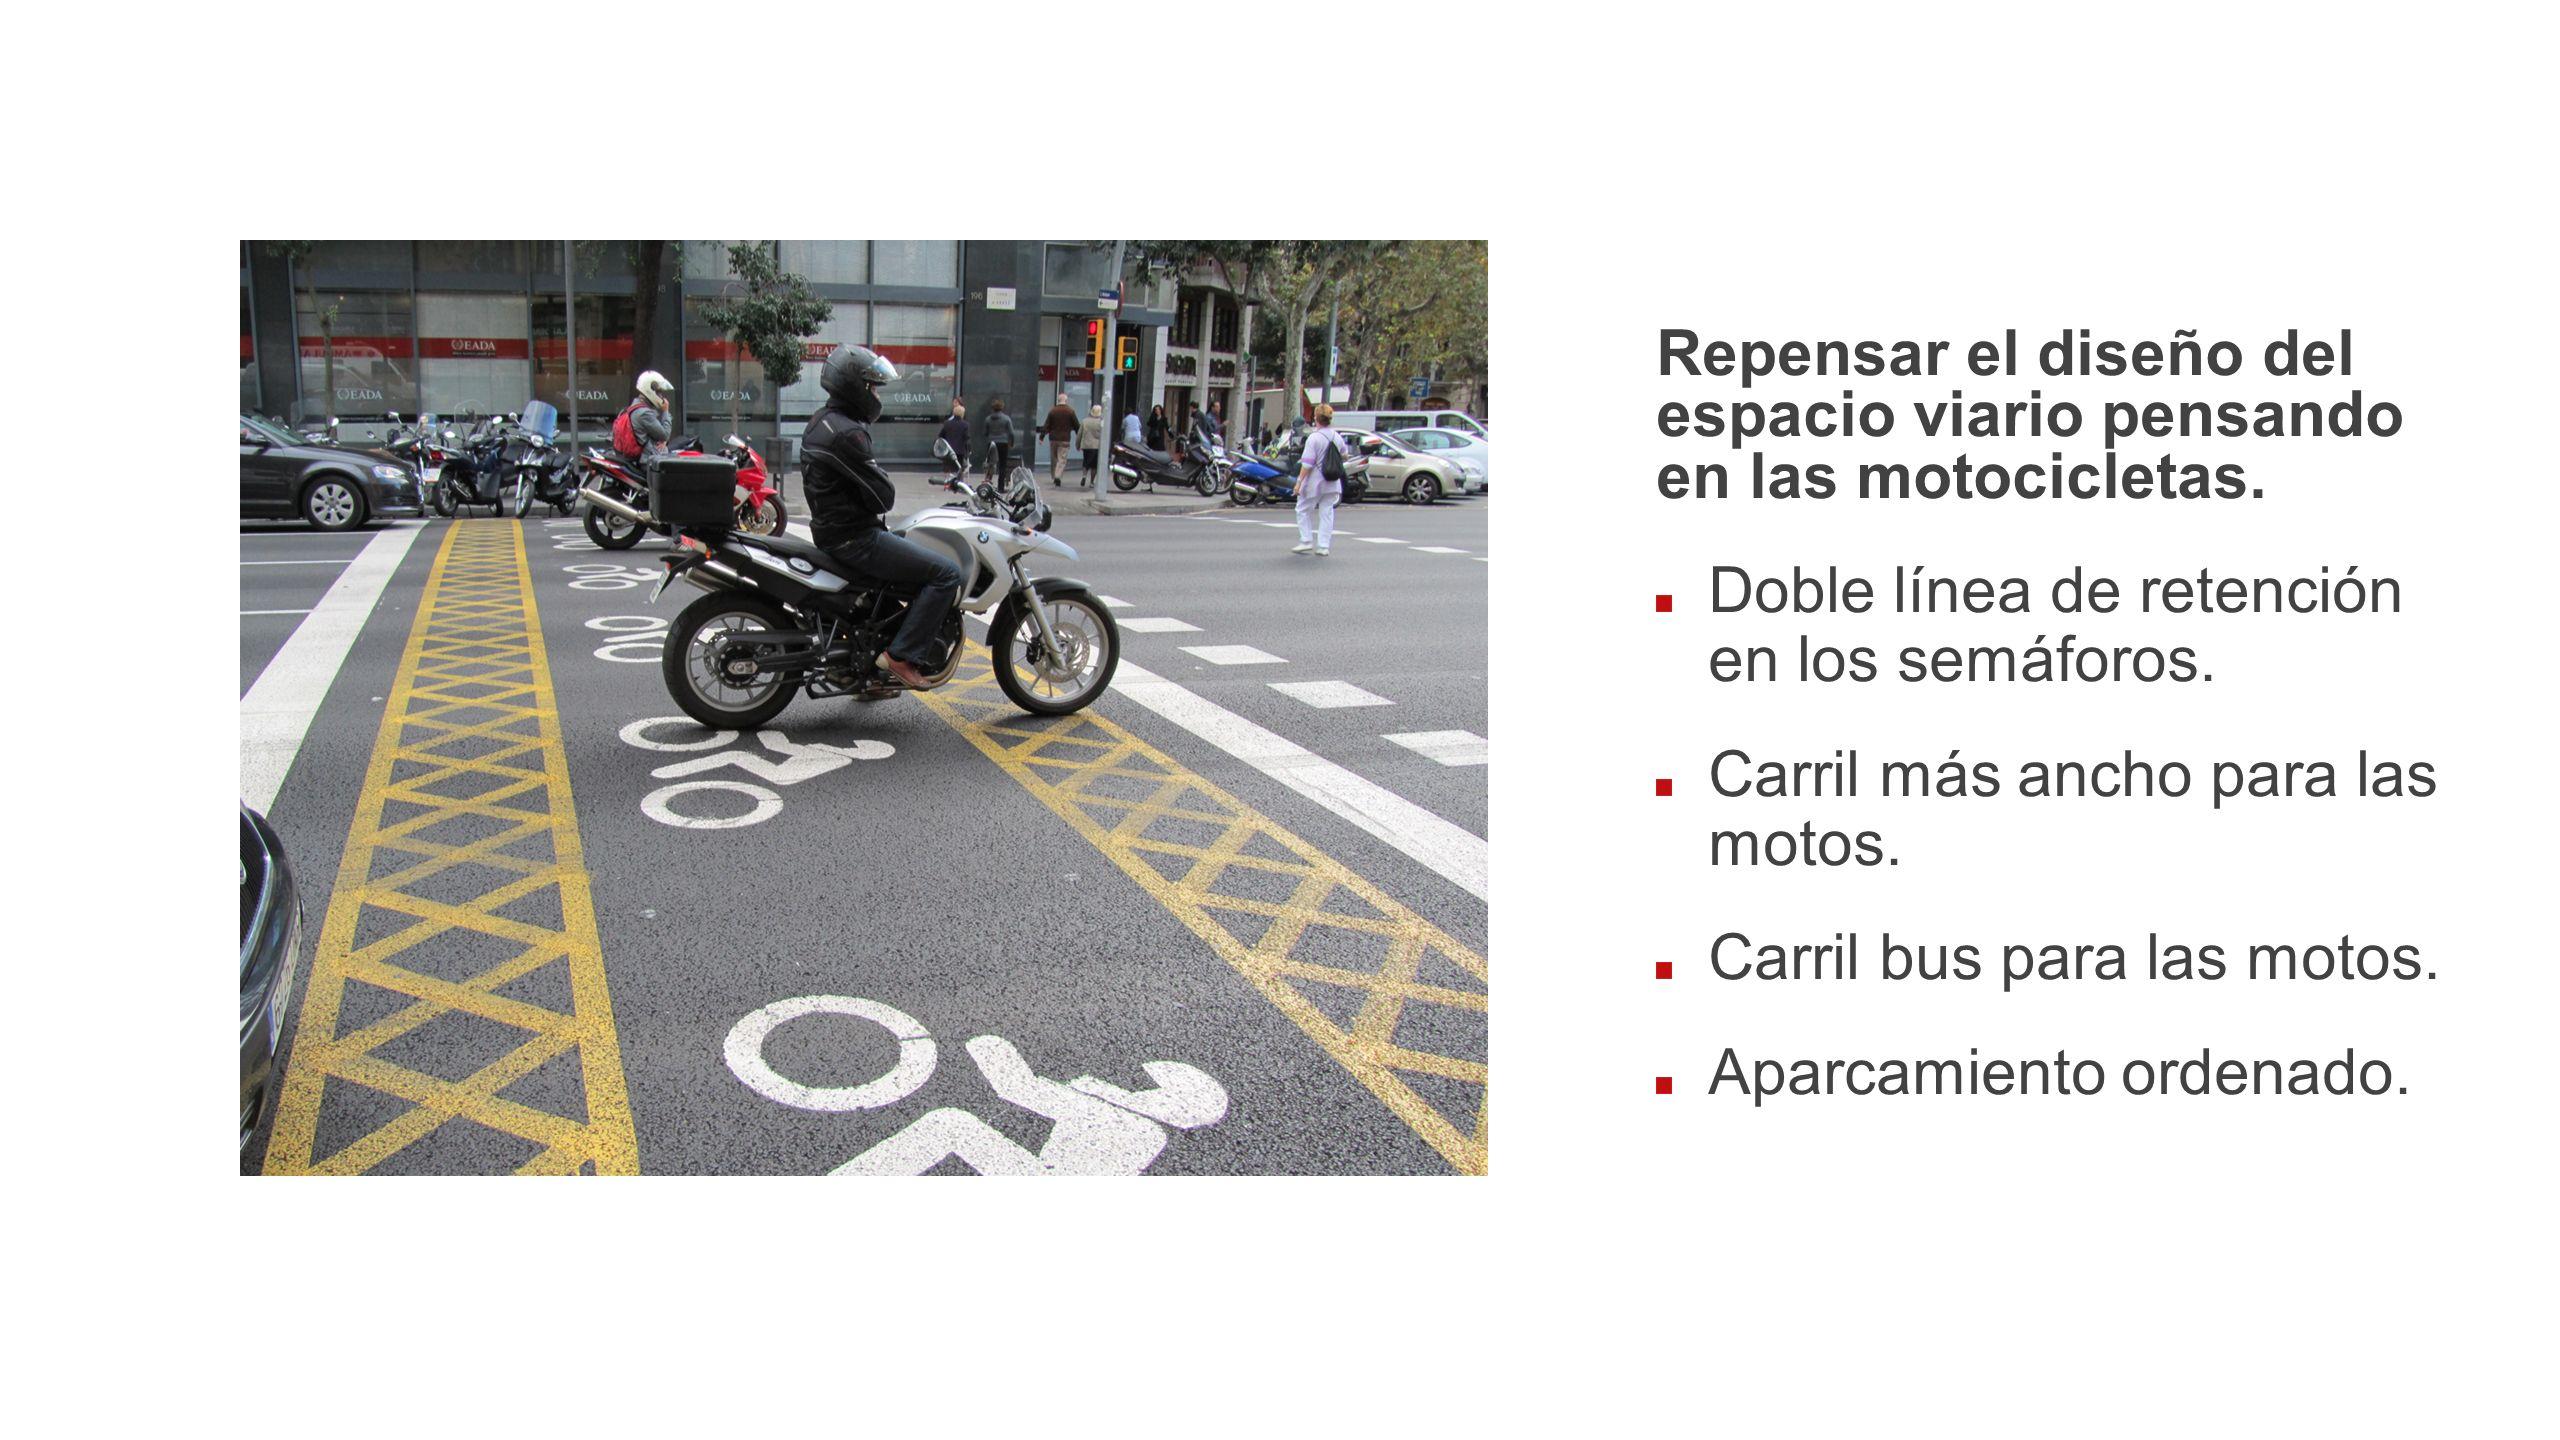 Repensar el diseño del espacio viario pensando en las motocicletas.